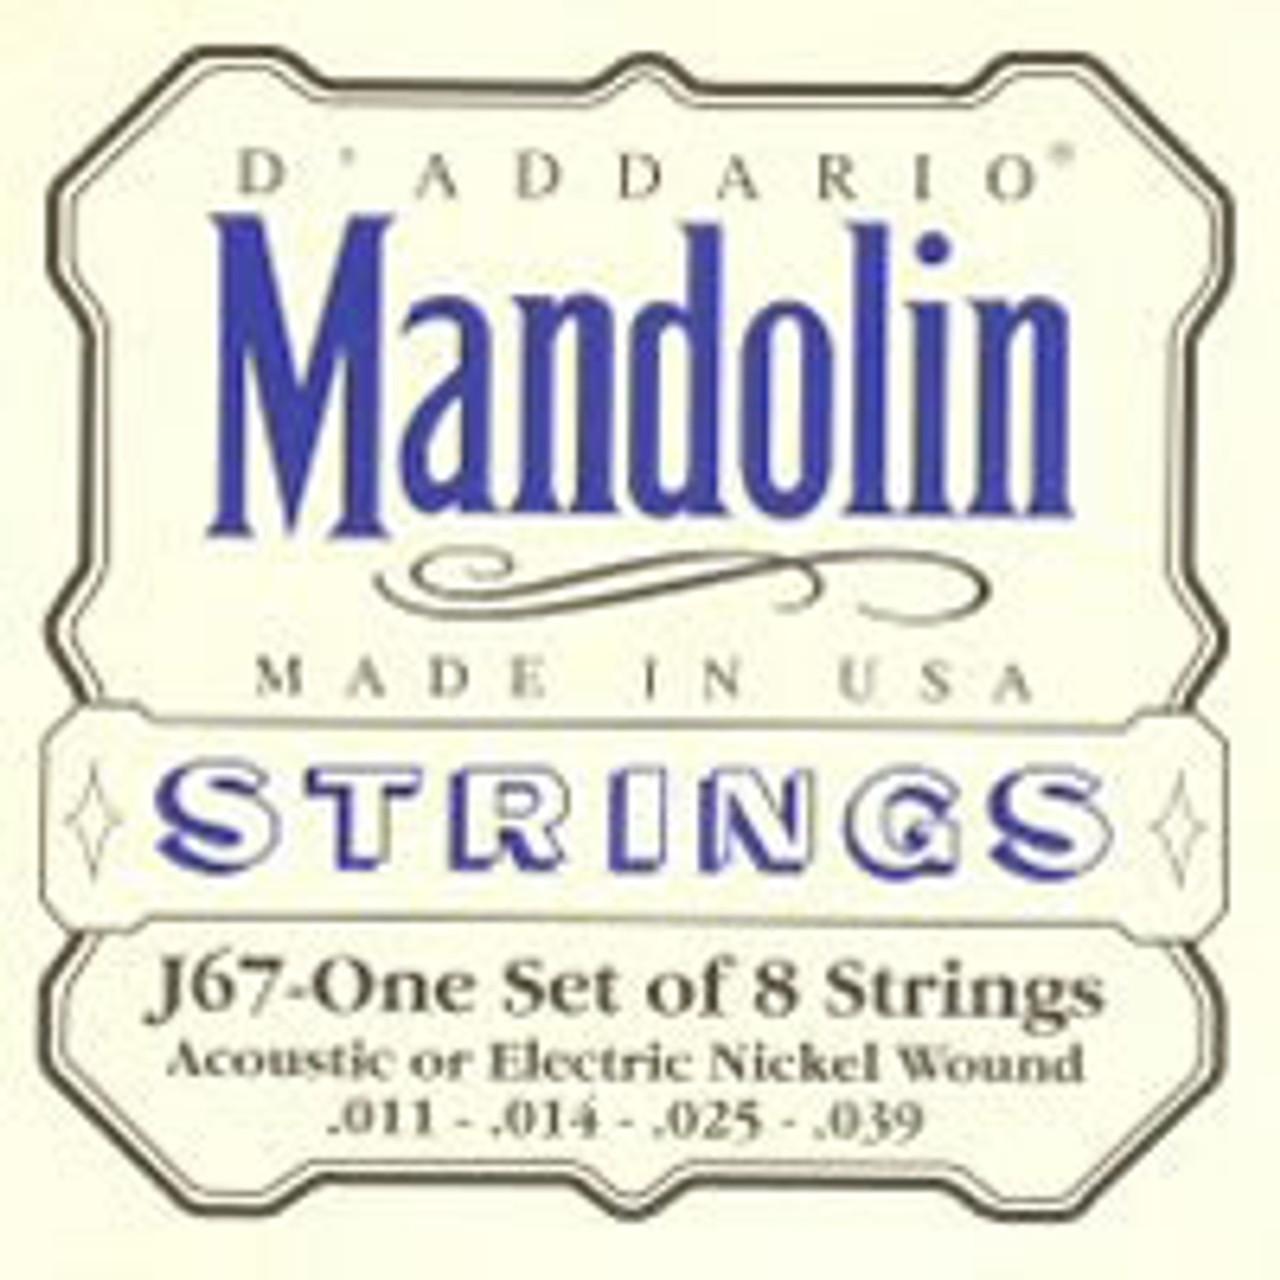 D'addario J67 Nickel Wound Mandolin Strings (011-039)